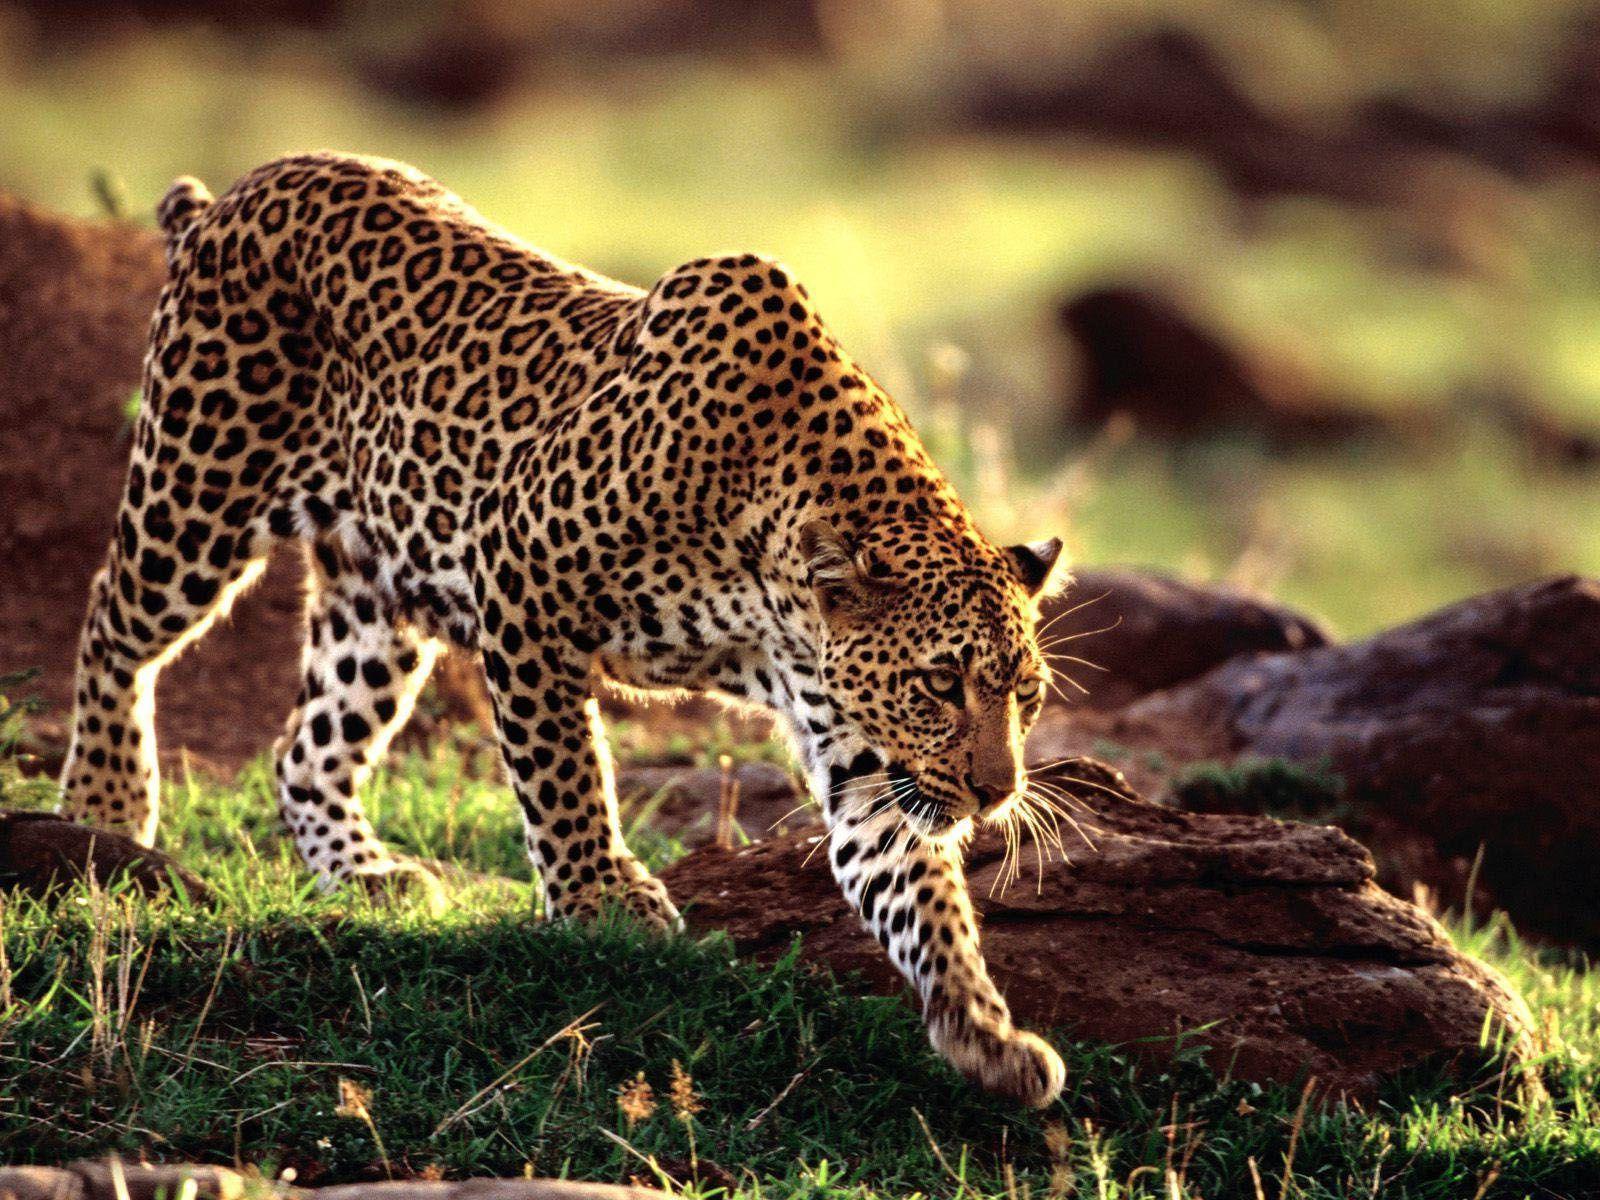 Imposant Animaux Sauvages De L Afrique Nombre Post Id 27938 pour Animaux Sauvages De L Afrique